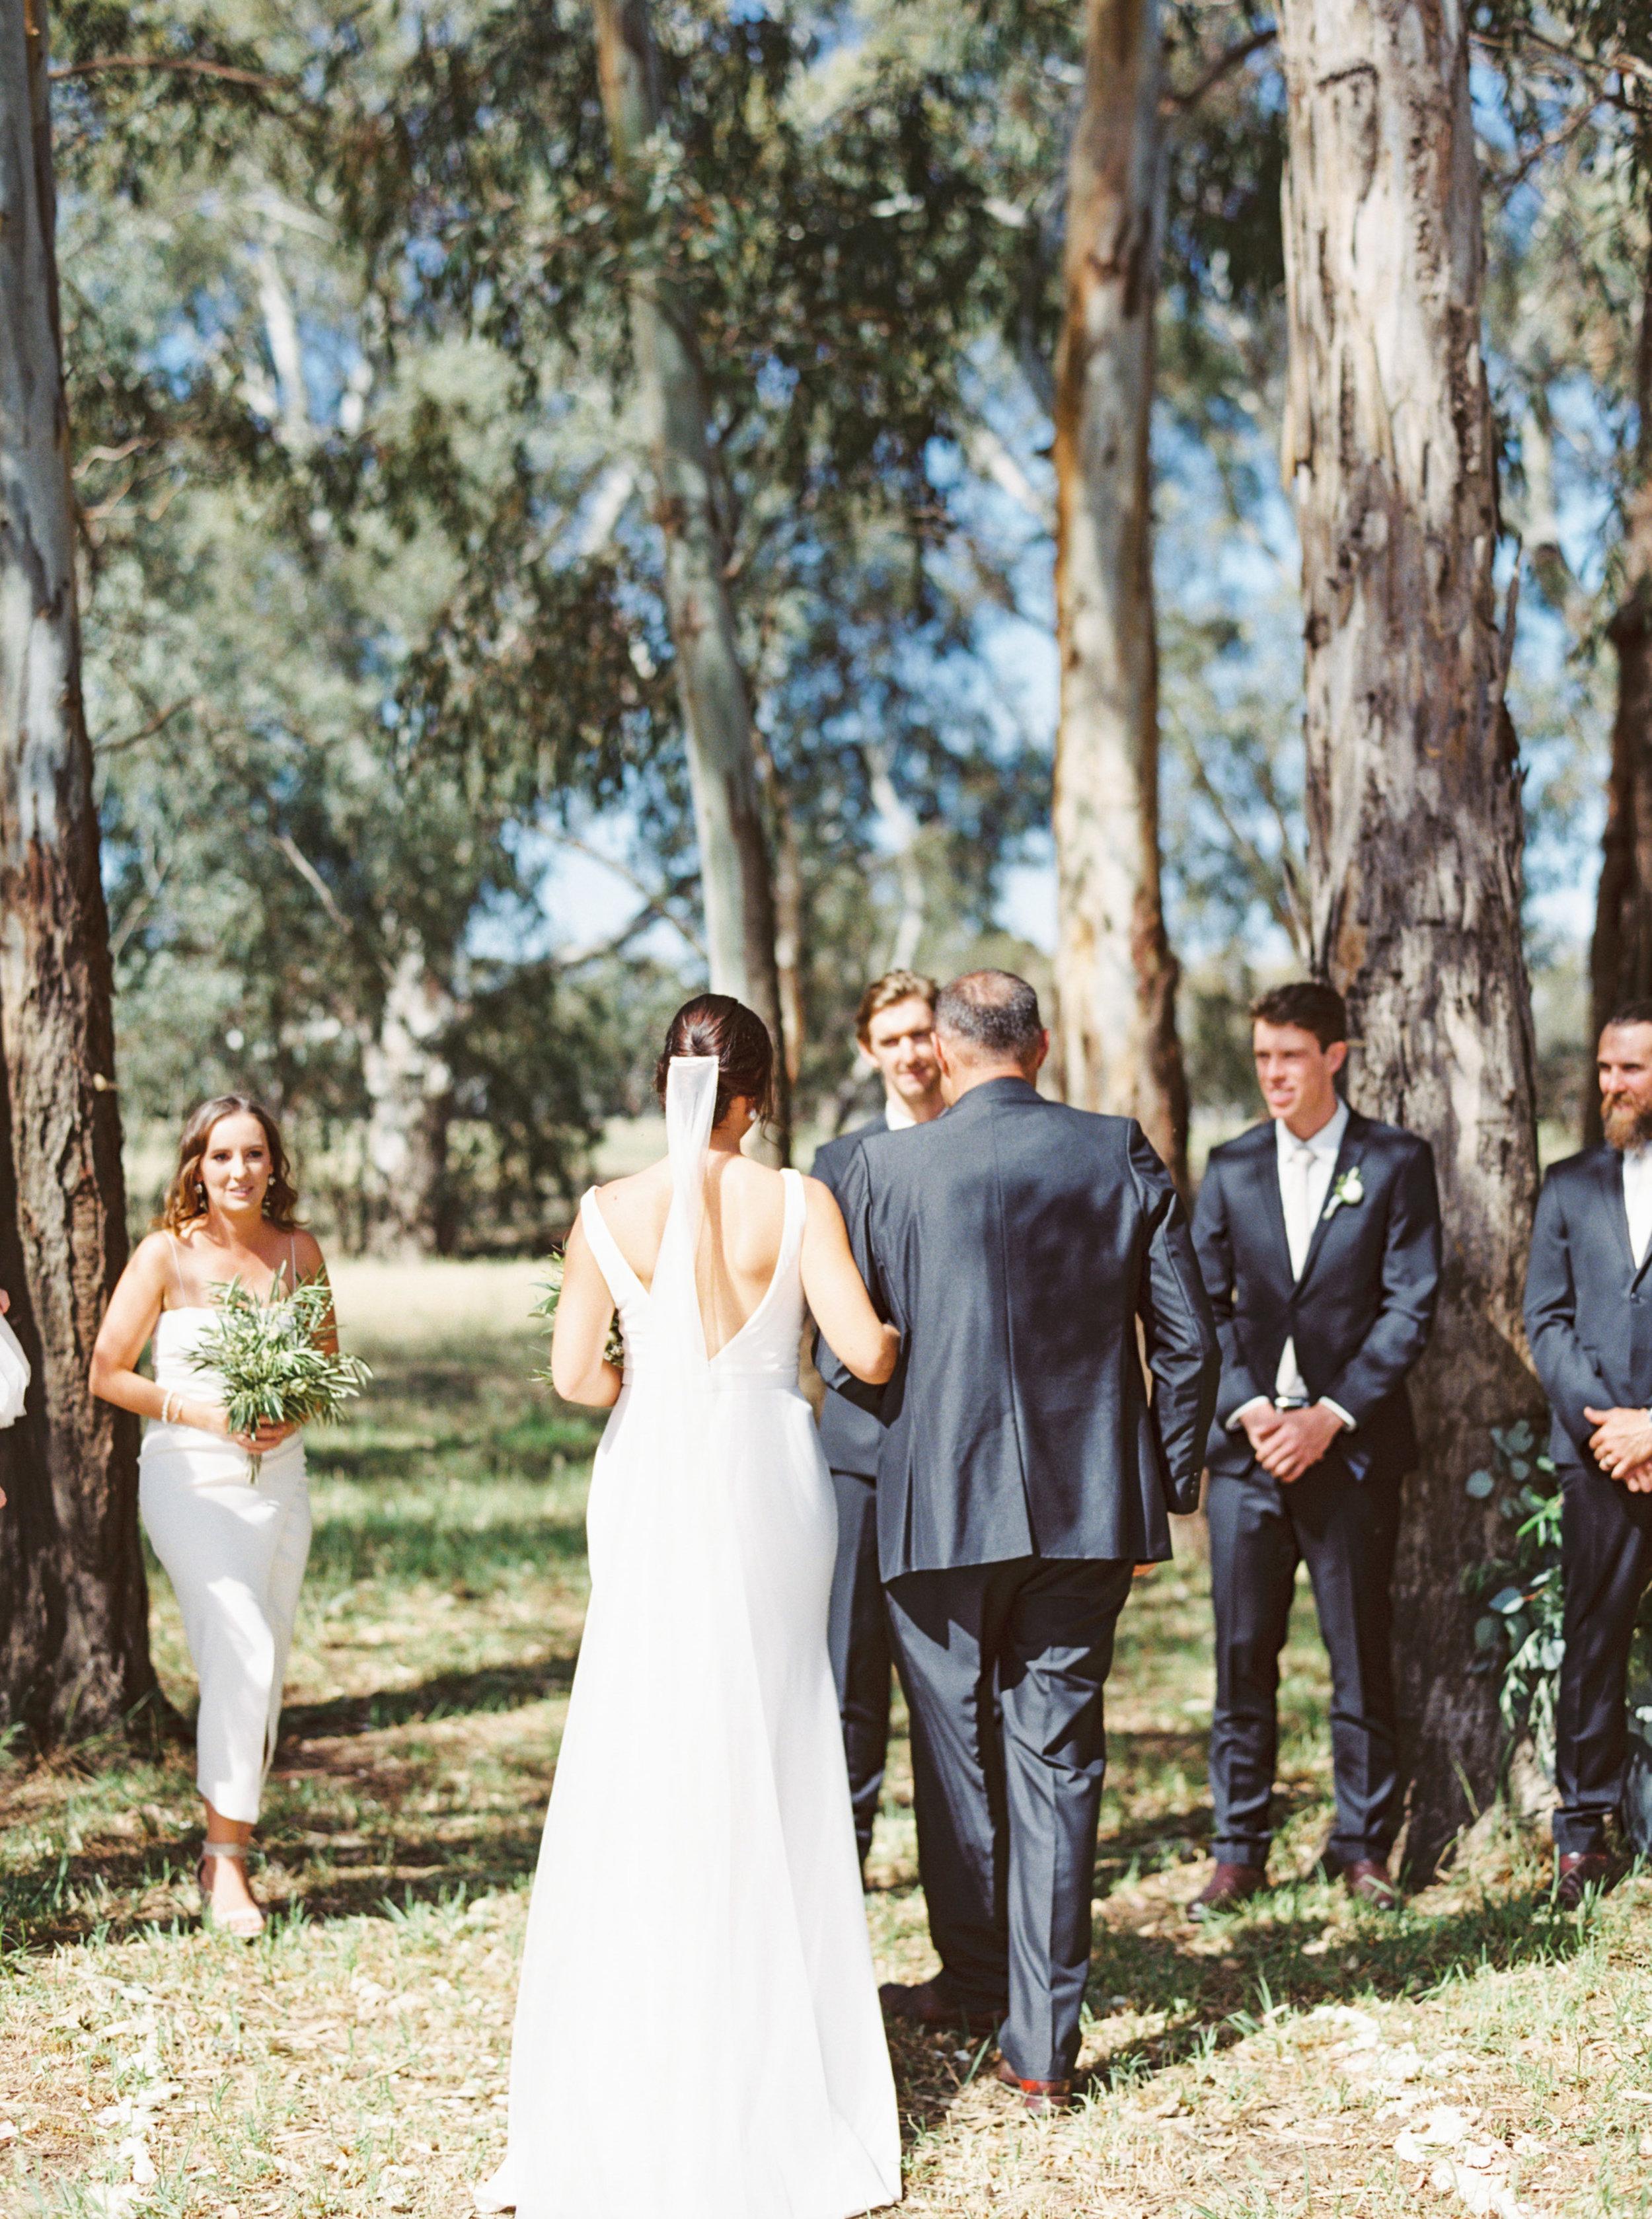 00026- Olive Tree Mediterranean Wedding in Mudgee NSW Australia Fine Art Film Wedding Lifestyle Photographer Sheri McMahon_.jpg